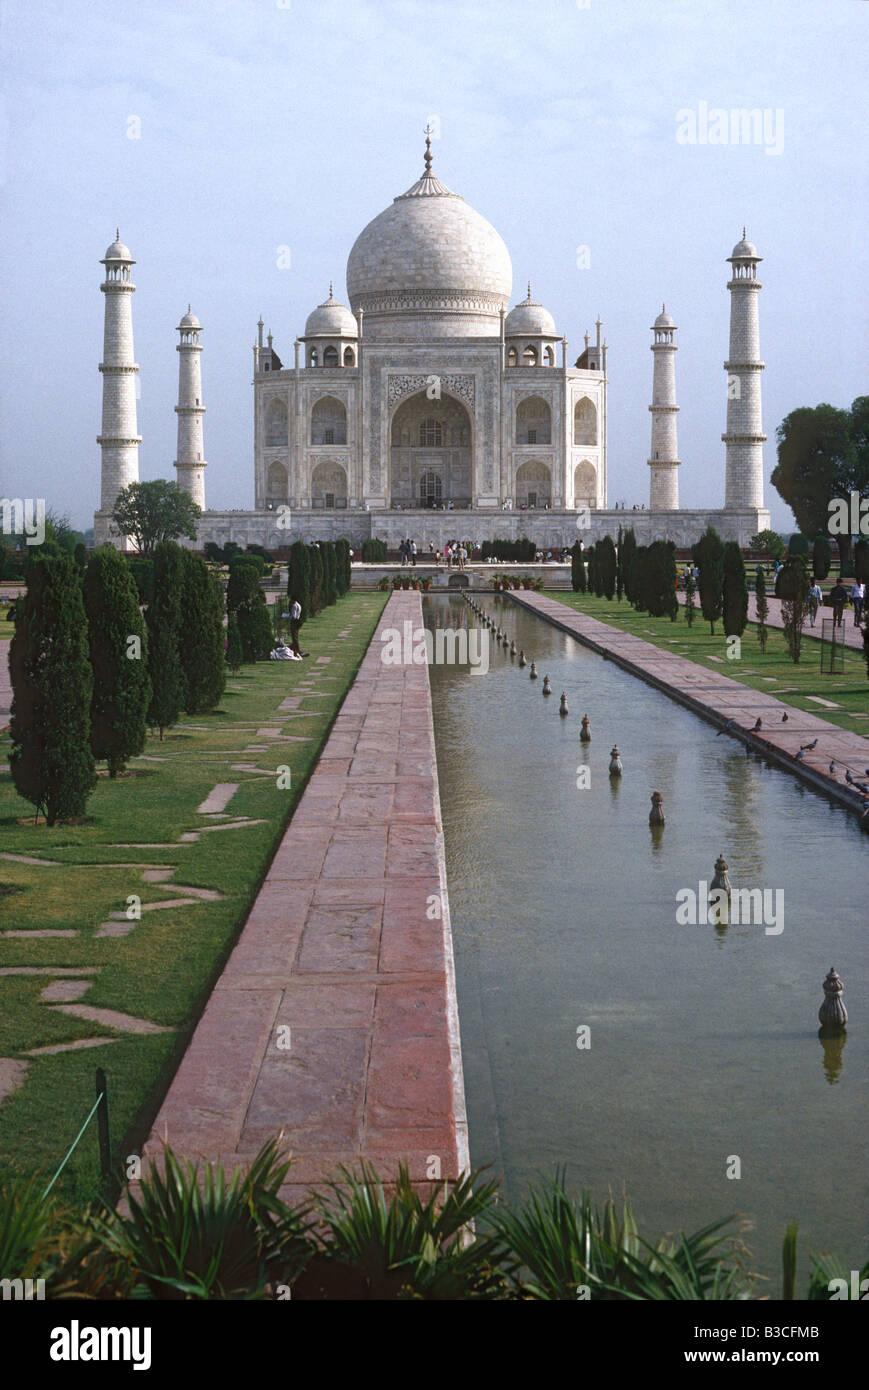 Mumtaz Mahal Stock Photos & Mumtaz Mahal Stock Images